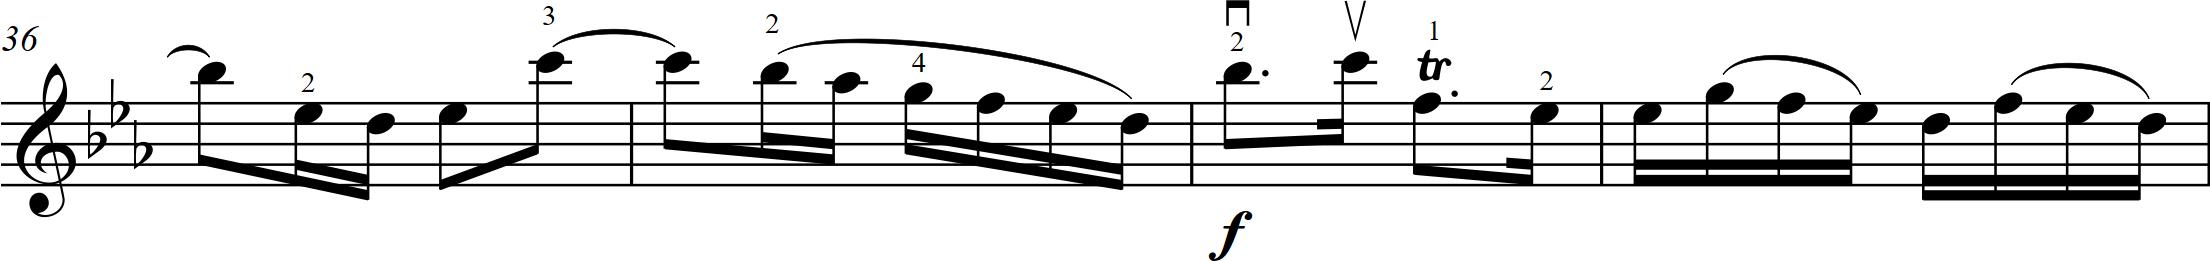 G8 Bach - Allegro - 36-39 vln